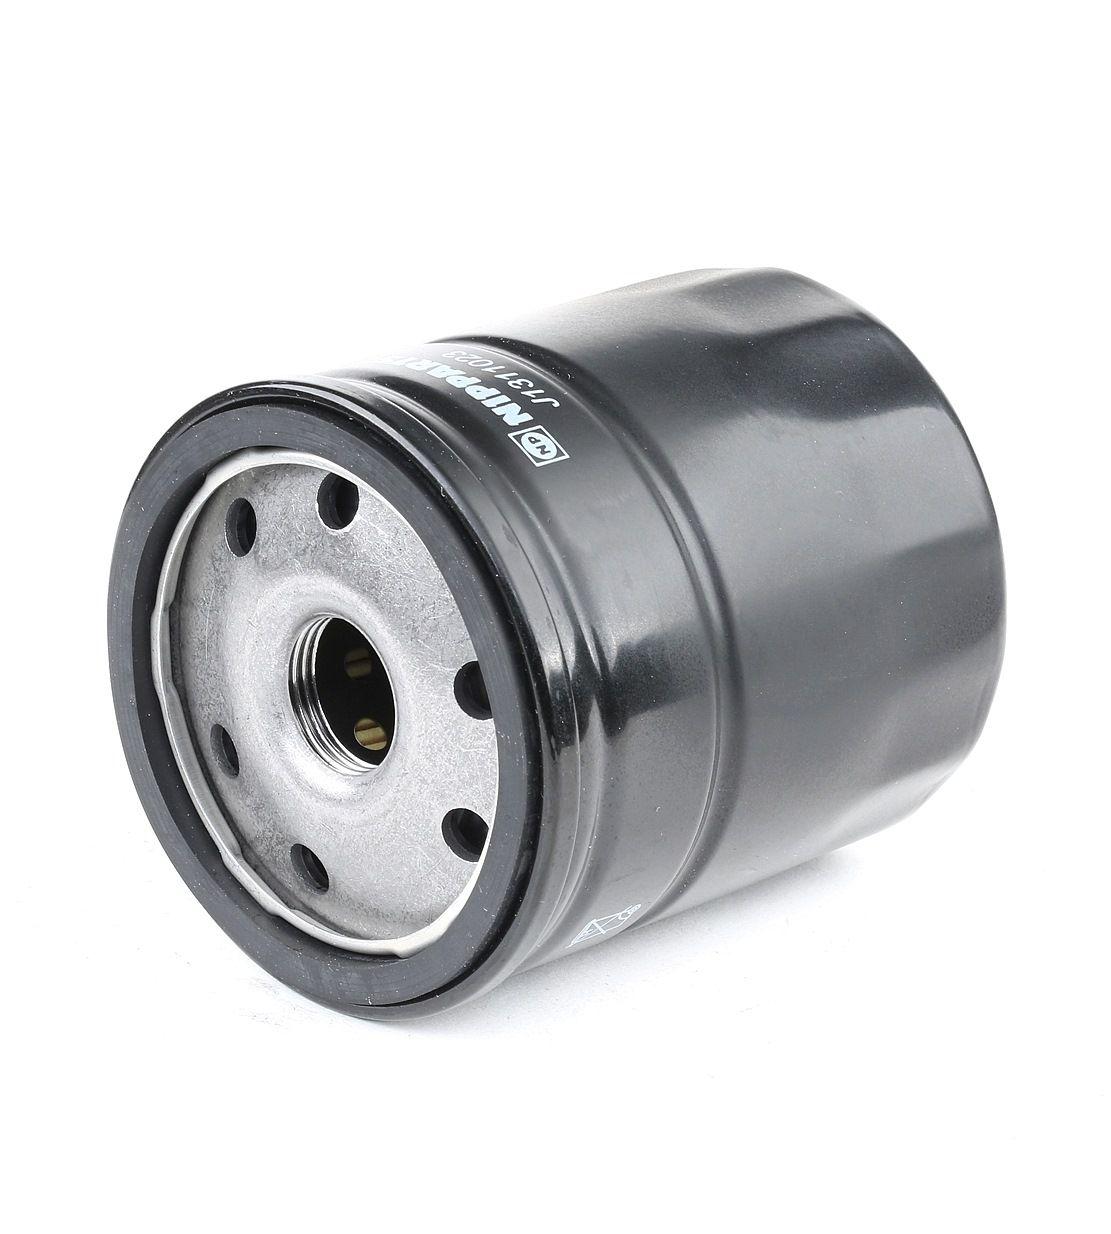 Achat de J1311023 NIPPARTS Filtre vissé Ø: 76mm, Hauteur: 88mm Filtre à huile J1311023 pas chères